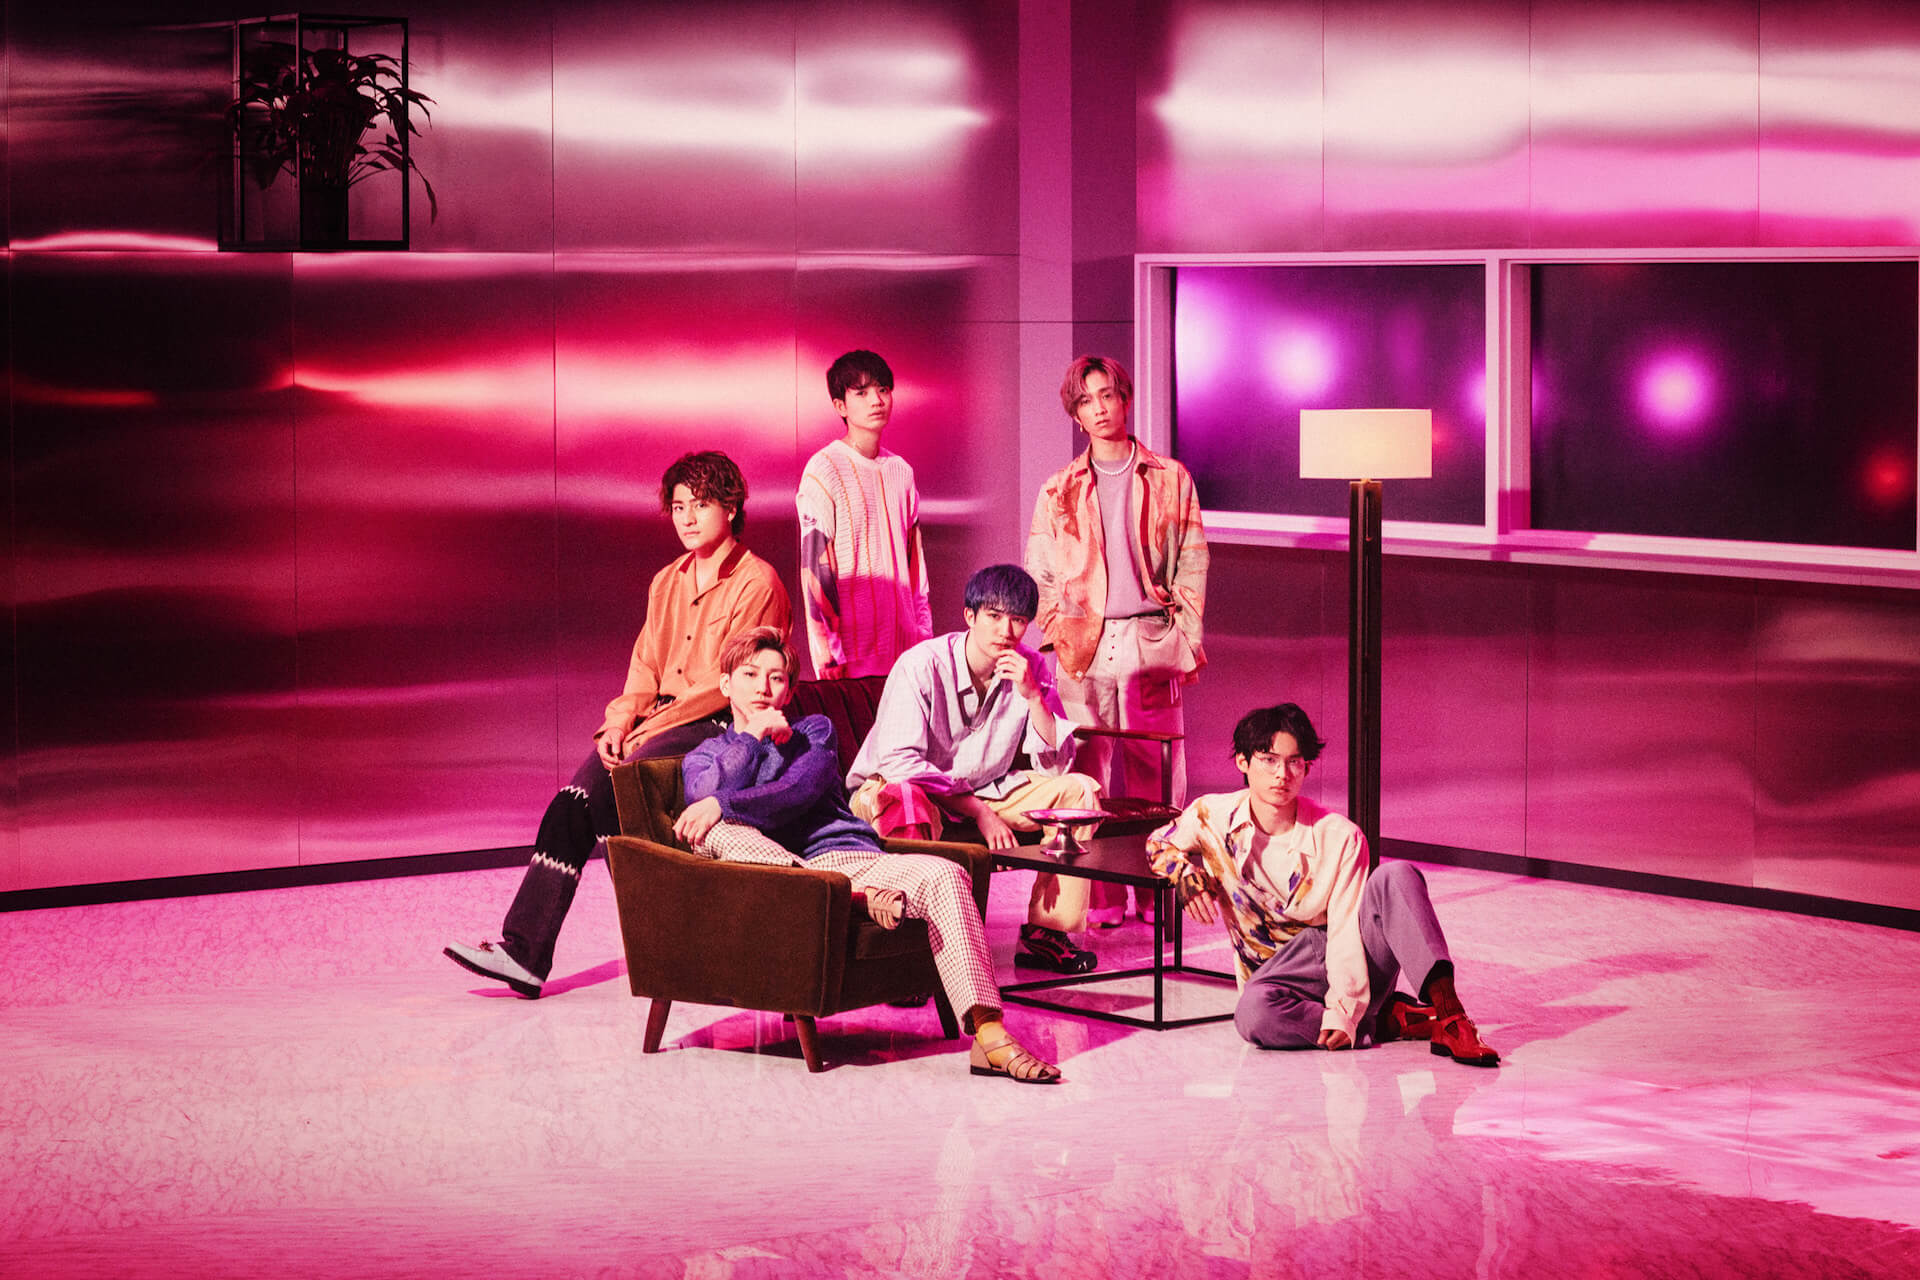 """常田大希による楽曲提供──""""マスカラ""""で、SixTONESが魅せる「アイドルの新しいクリエイティビティ」 column210721_sixtones-daiki-tsuneta-02"""